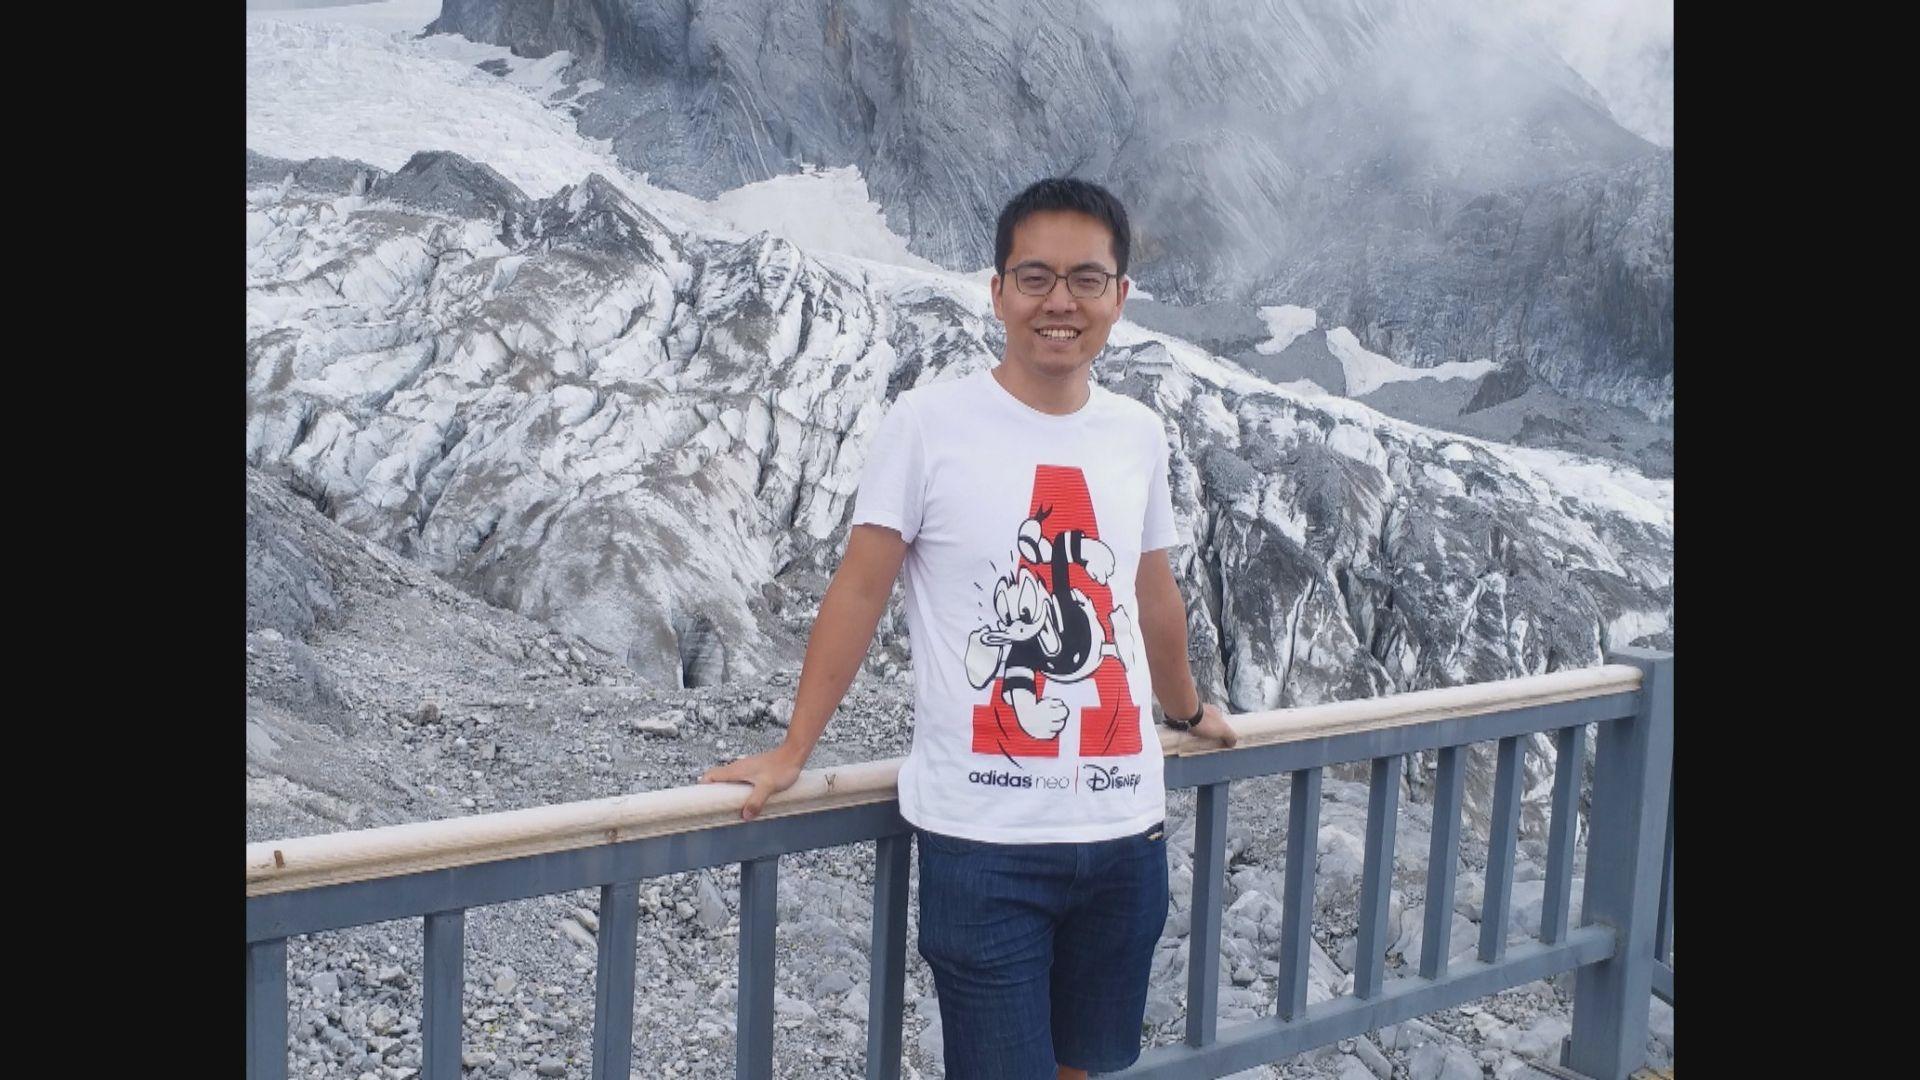 內地傳媒人張賈龍被控尋釁滋事罪 判囚一年半